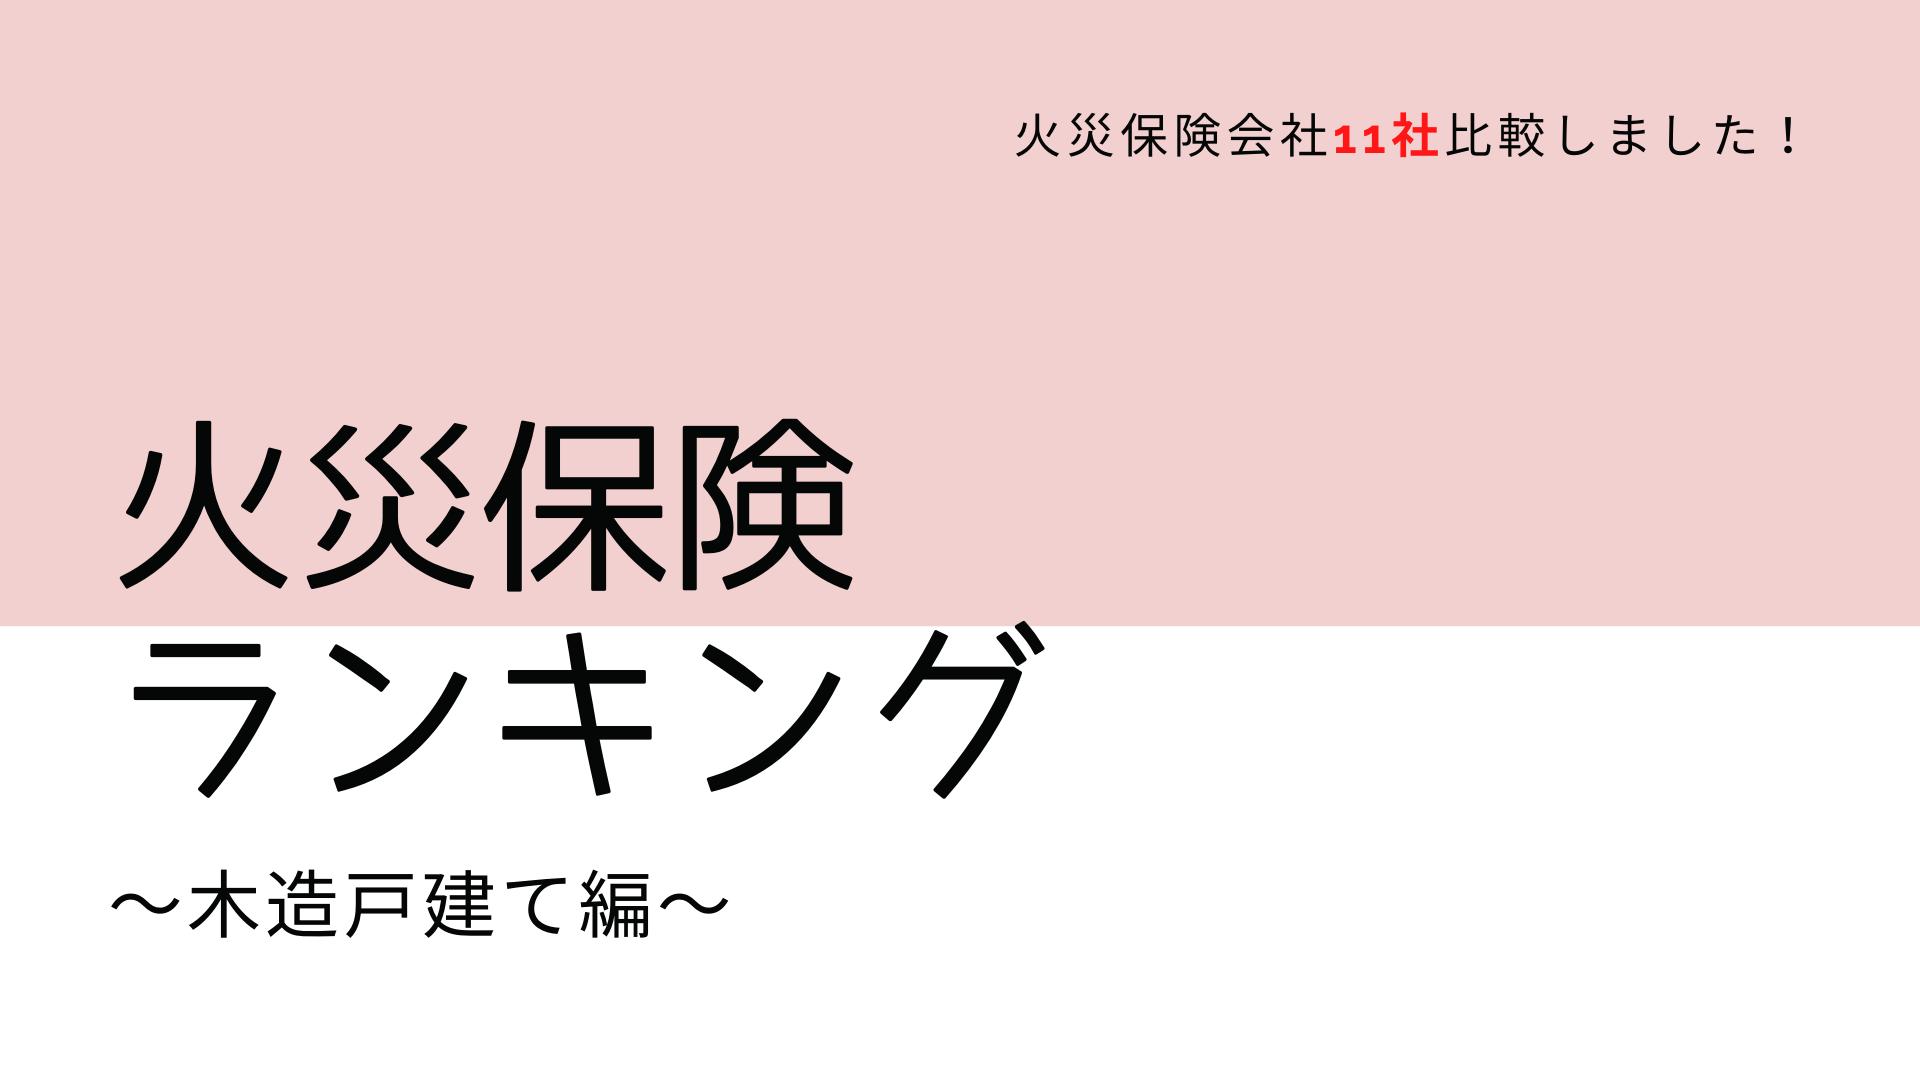 火災保険ランキング(木造戸建て編)紹介!火災保険会社11社を比較!!【最新情報掲載】